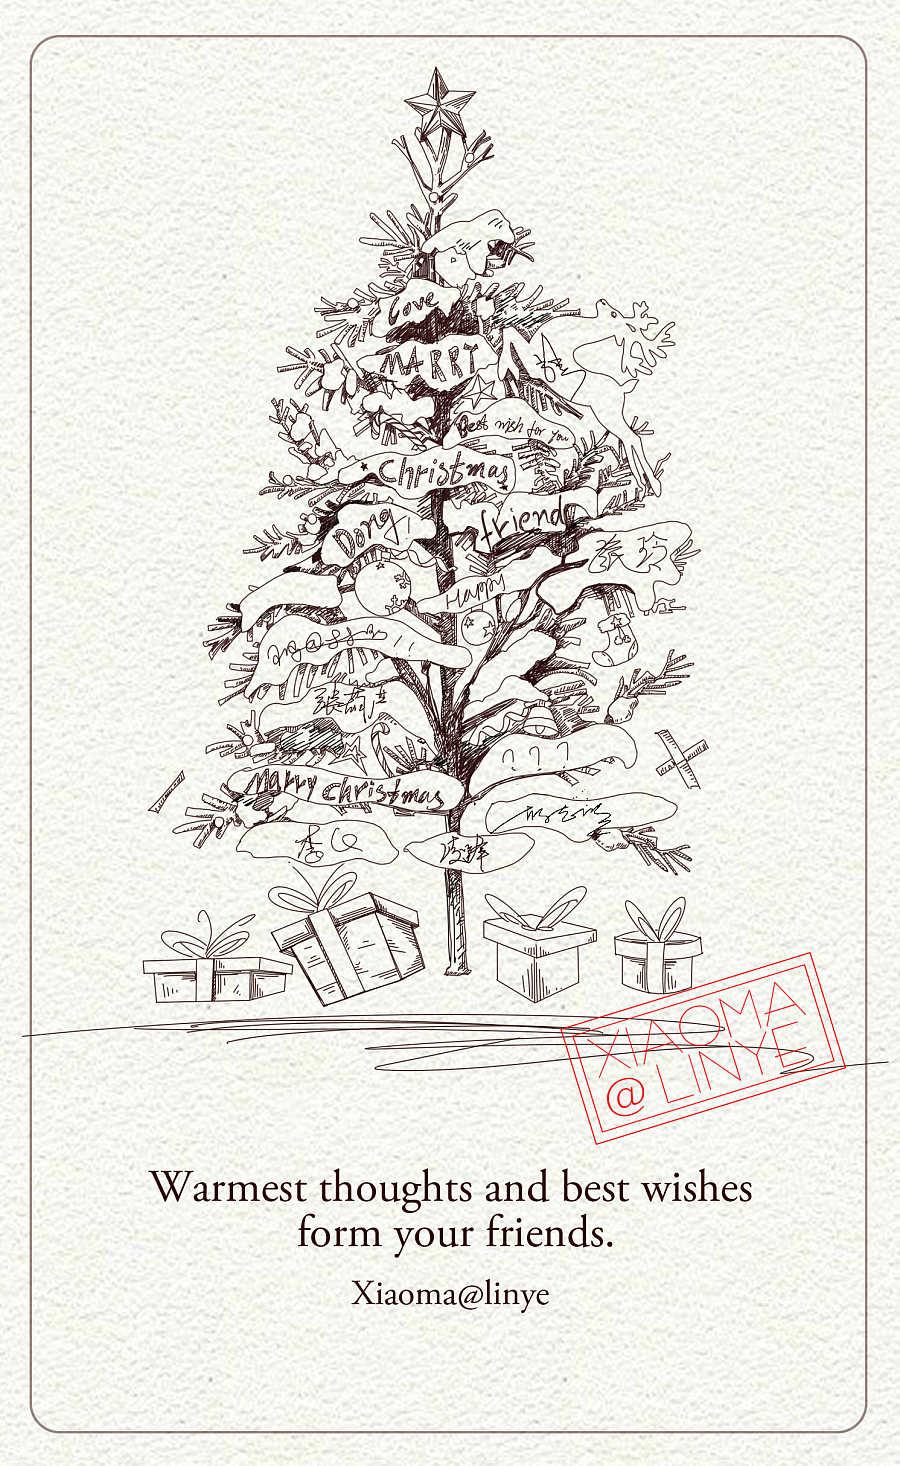 圣诞快乐 手绘贺卡